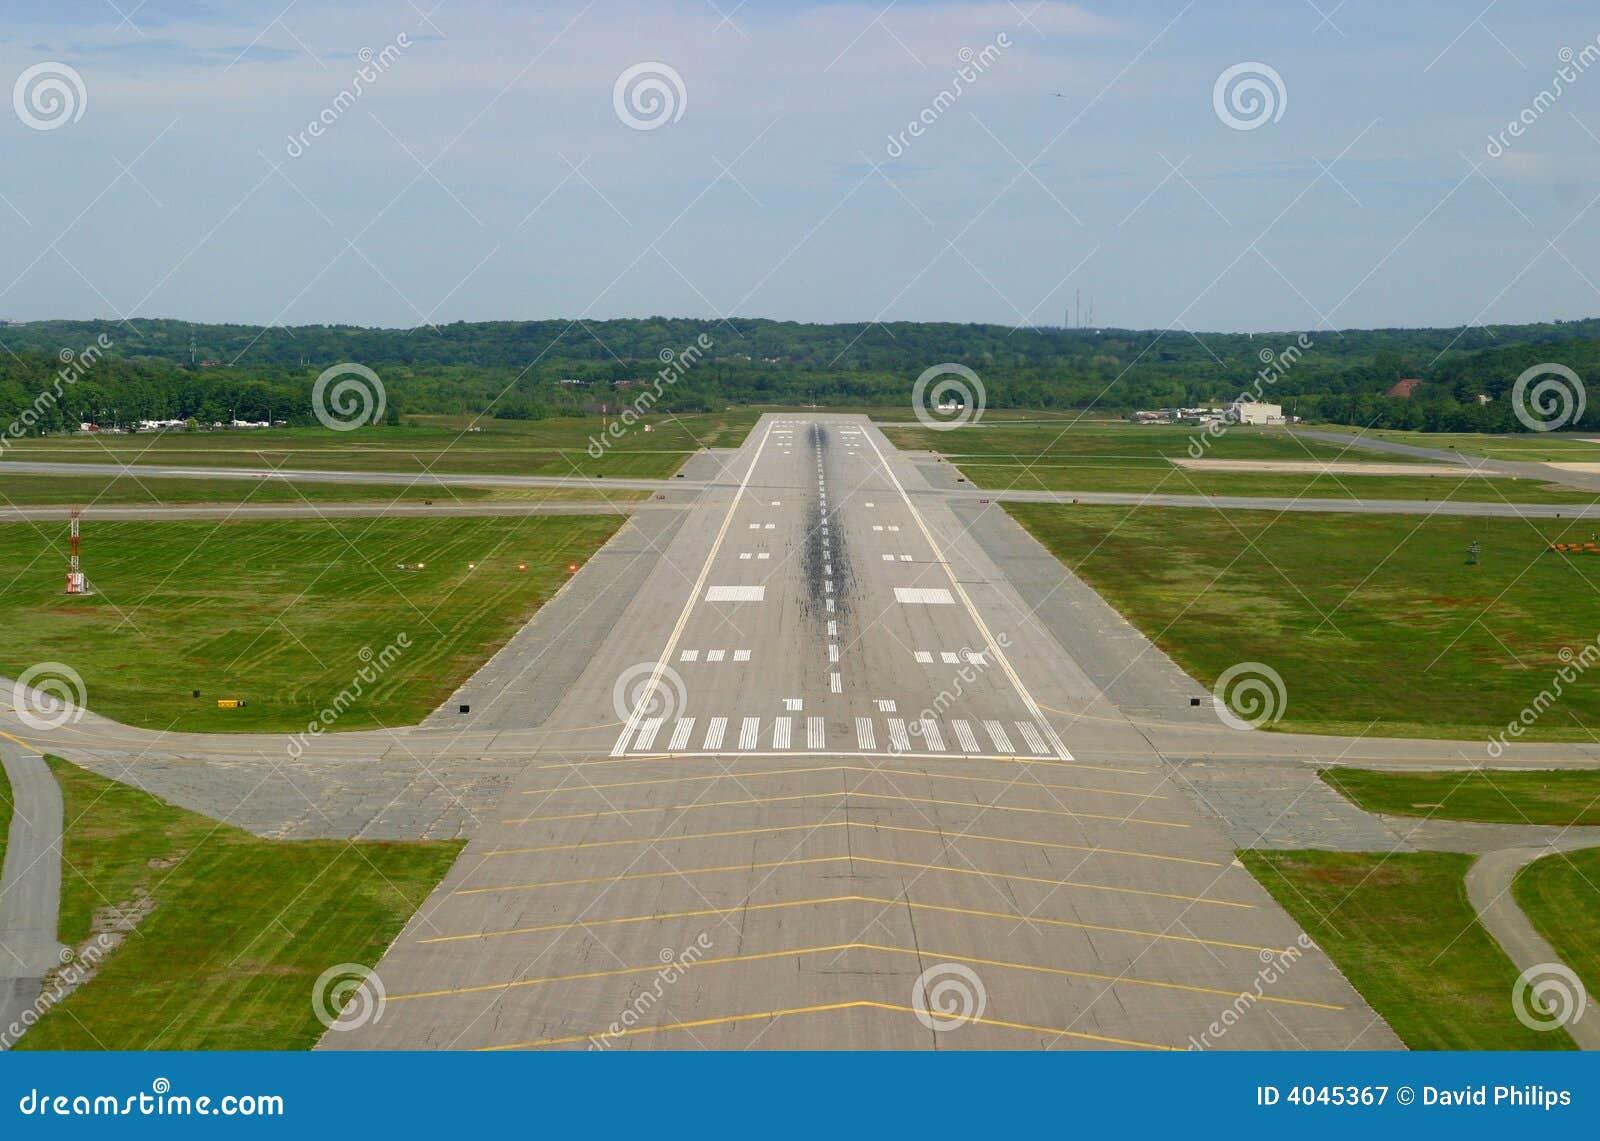 Pas startowy portów lotniczych